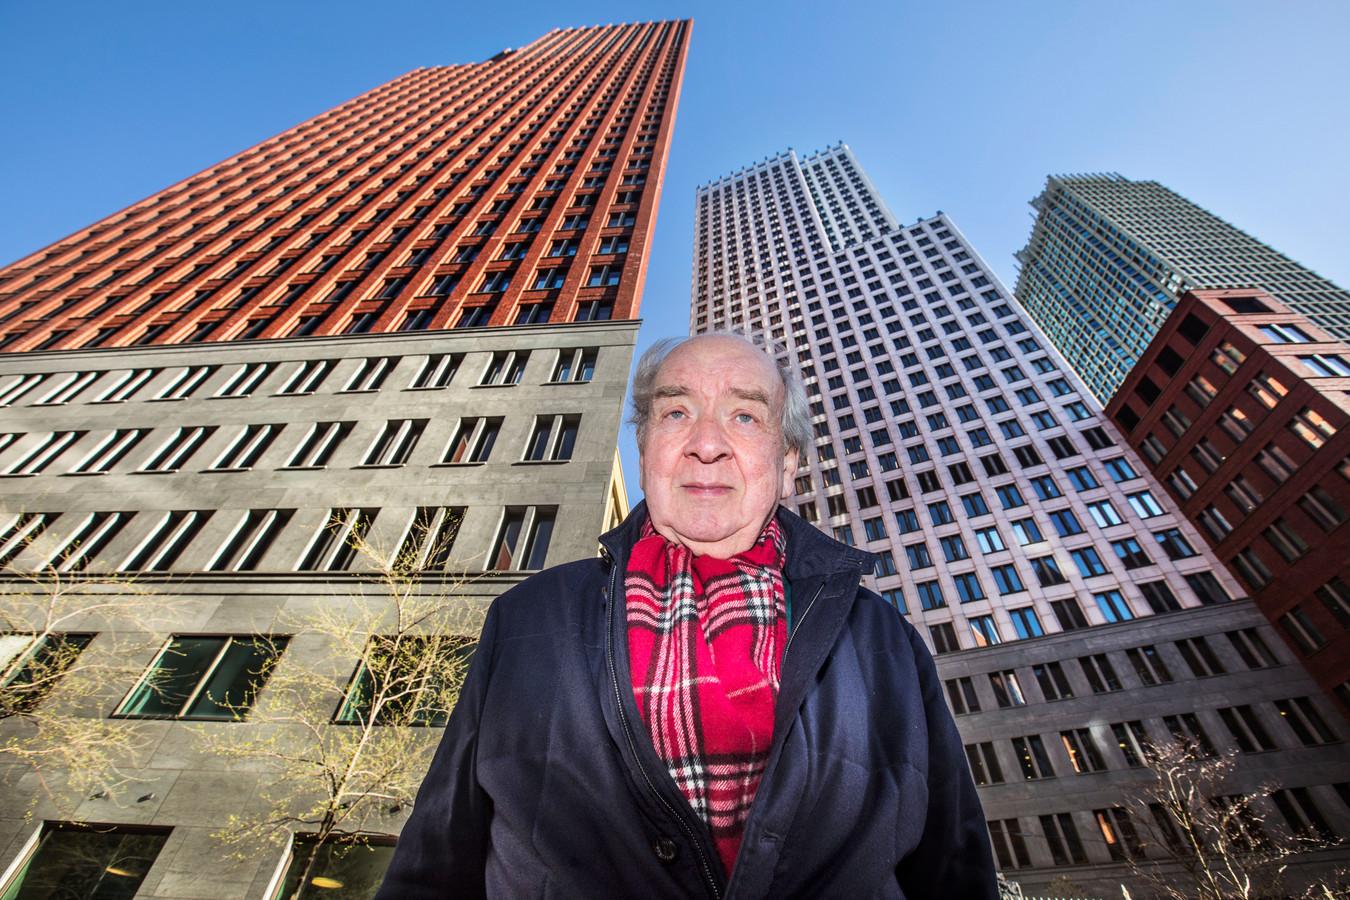 De gedupeerde Rob Plug (77) van het bedrijf BubbleDeck met op de achtergrond de torens van ministeries van Binnenlandse Zaken en Justitie waarover werd beweerd dat de vloeren onveilig zouden zijn.